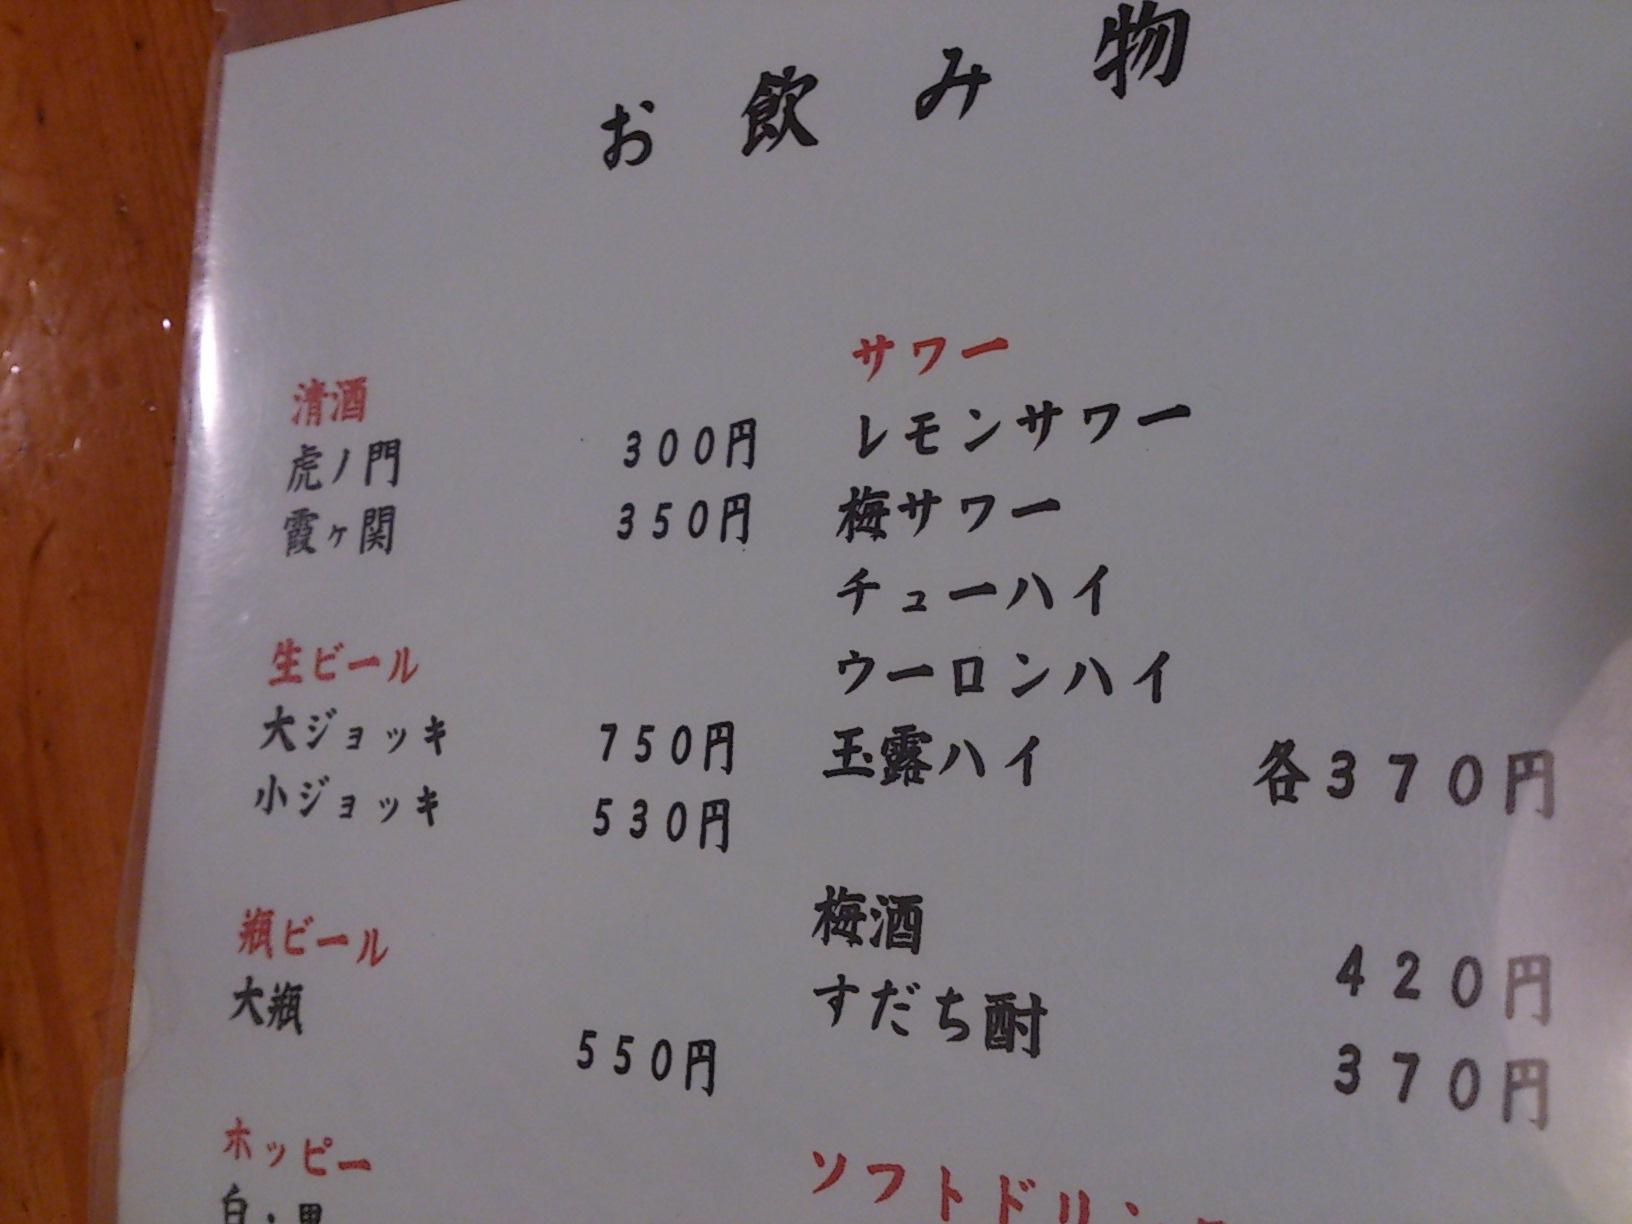 J亭落語会 柳家三三 独演会_c0100865_795016.jpg